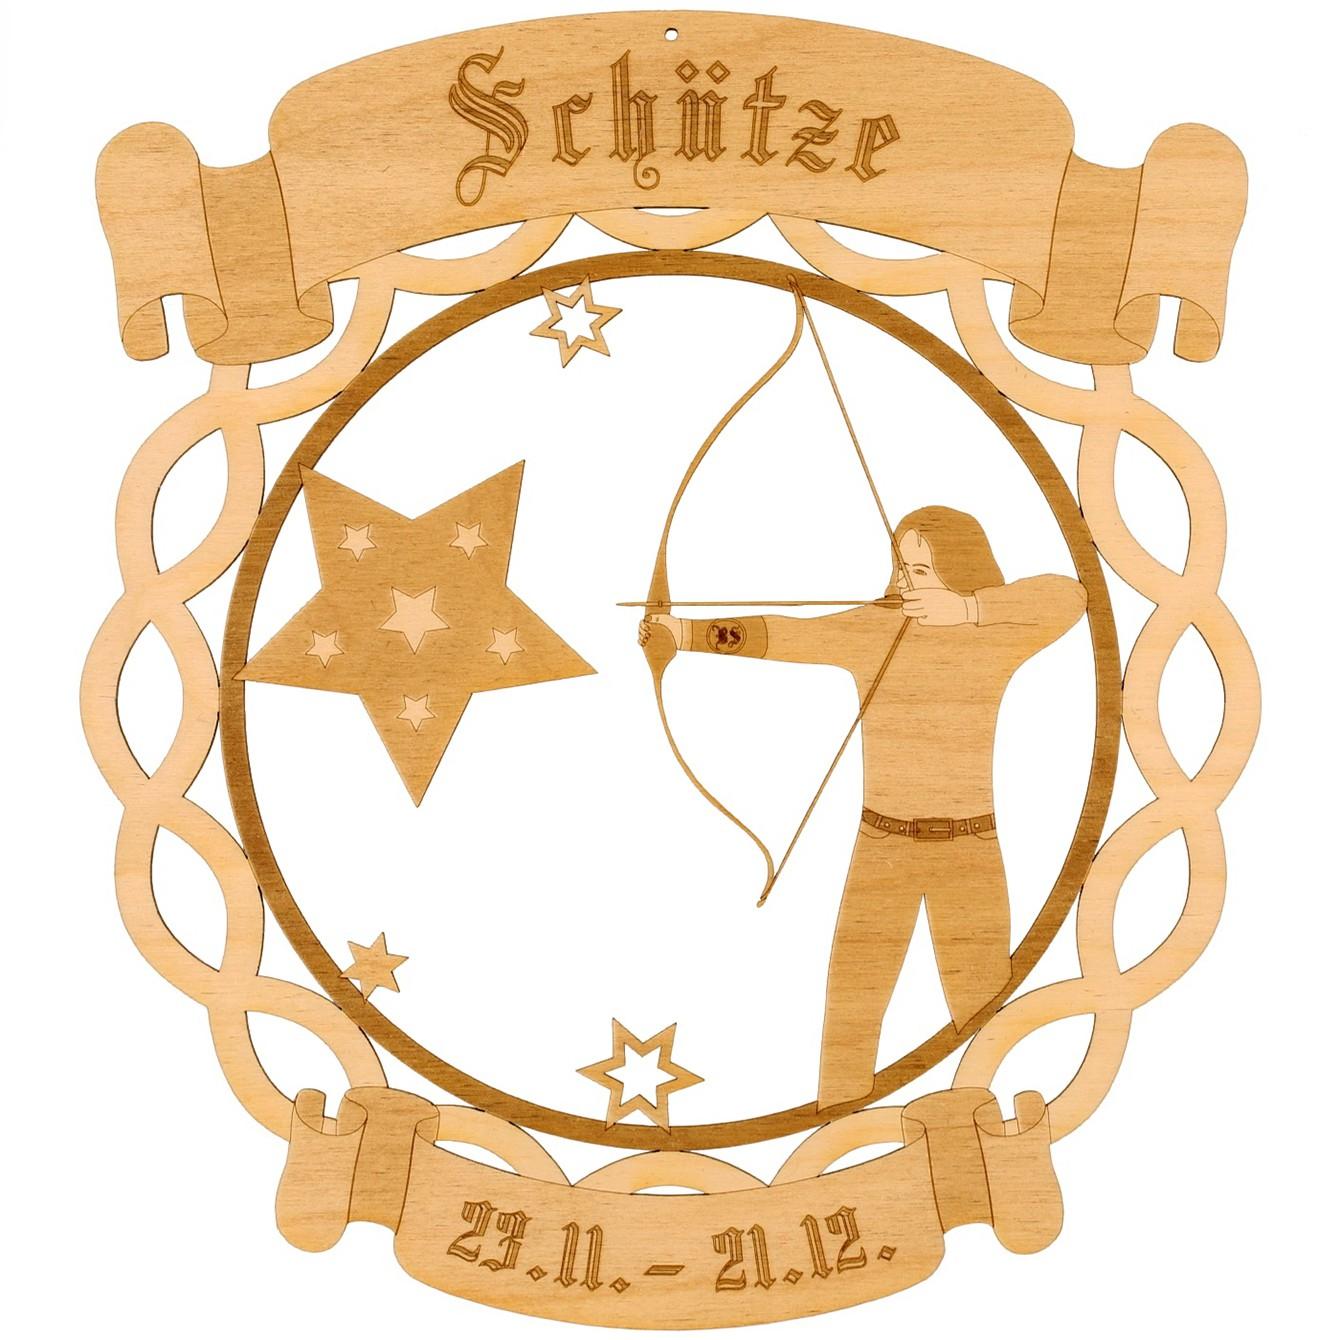 Sternzeichen Kranzform Fensterbilder Deko aus Holz 6 JPG